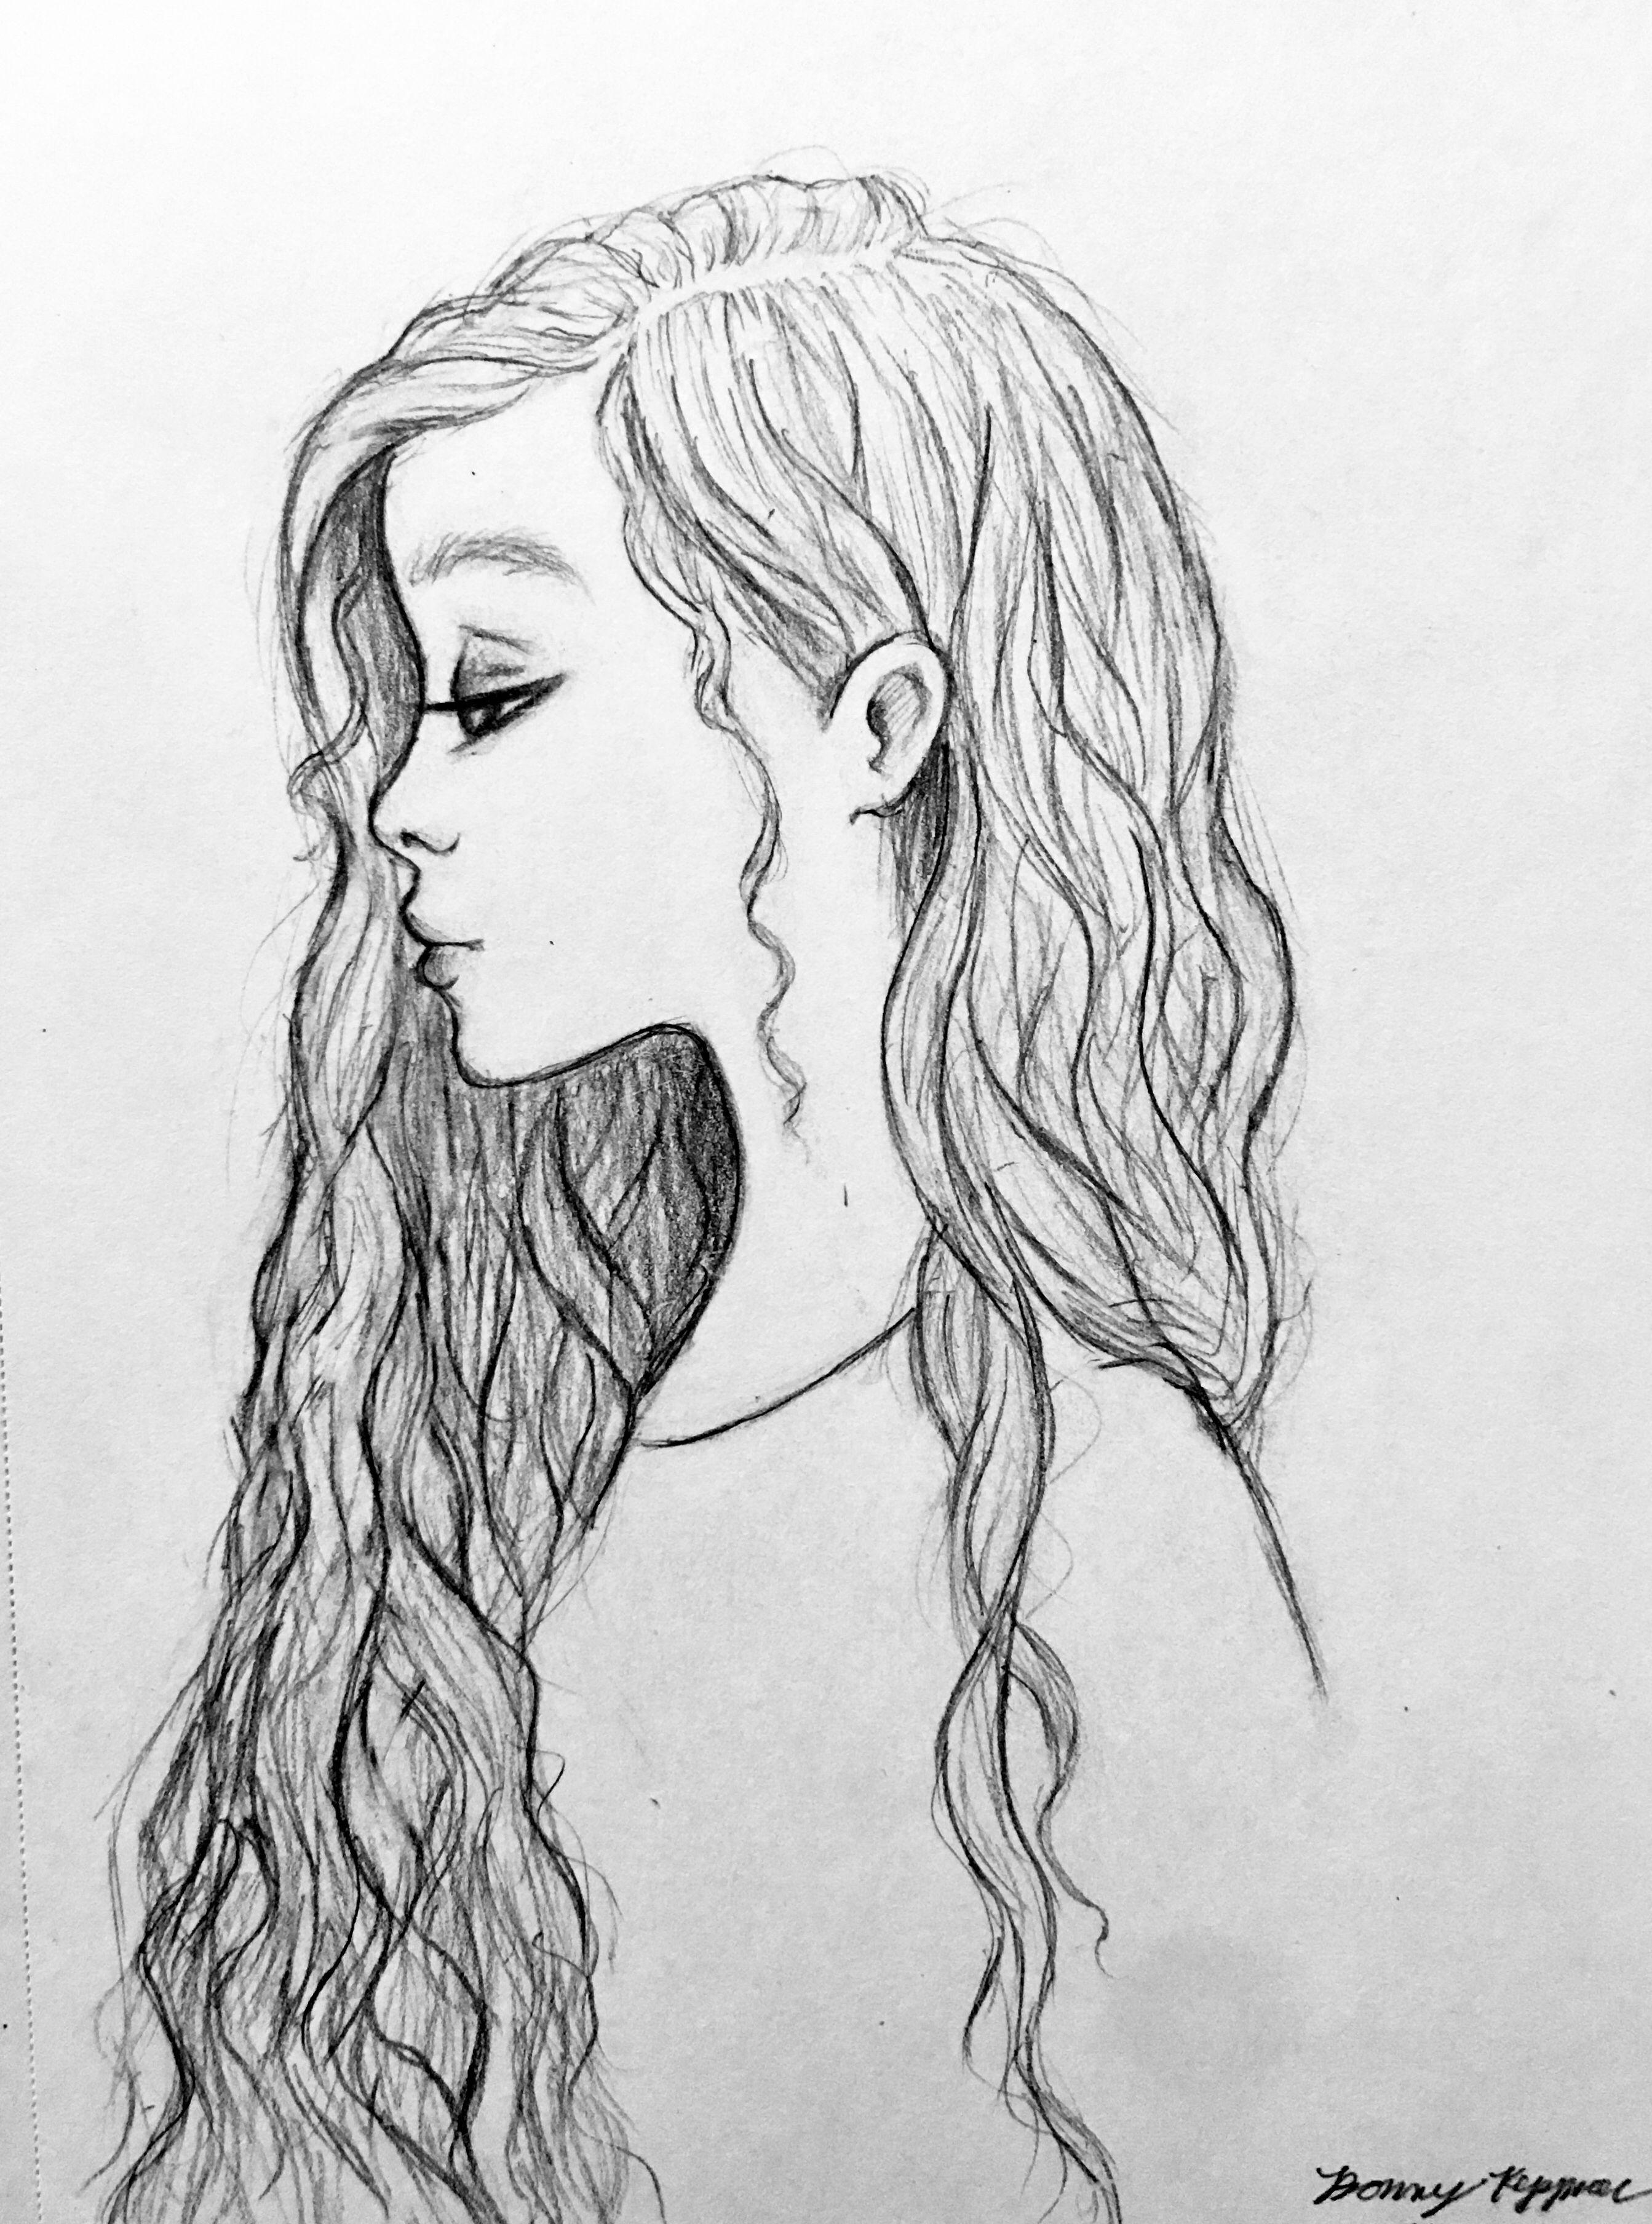 Girl With Long Hair Sketch Long Hair Drawing Hair Sketch Hard Drawings